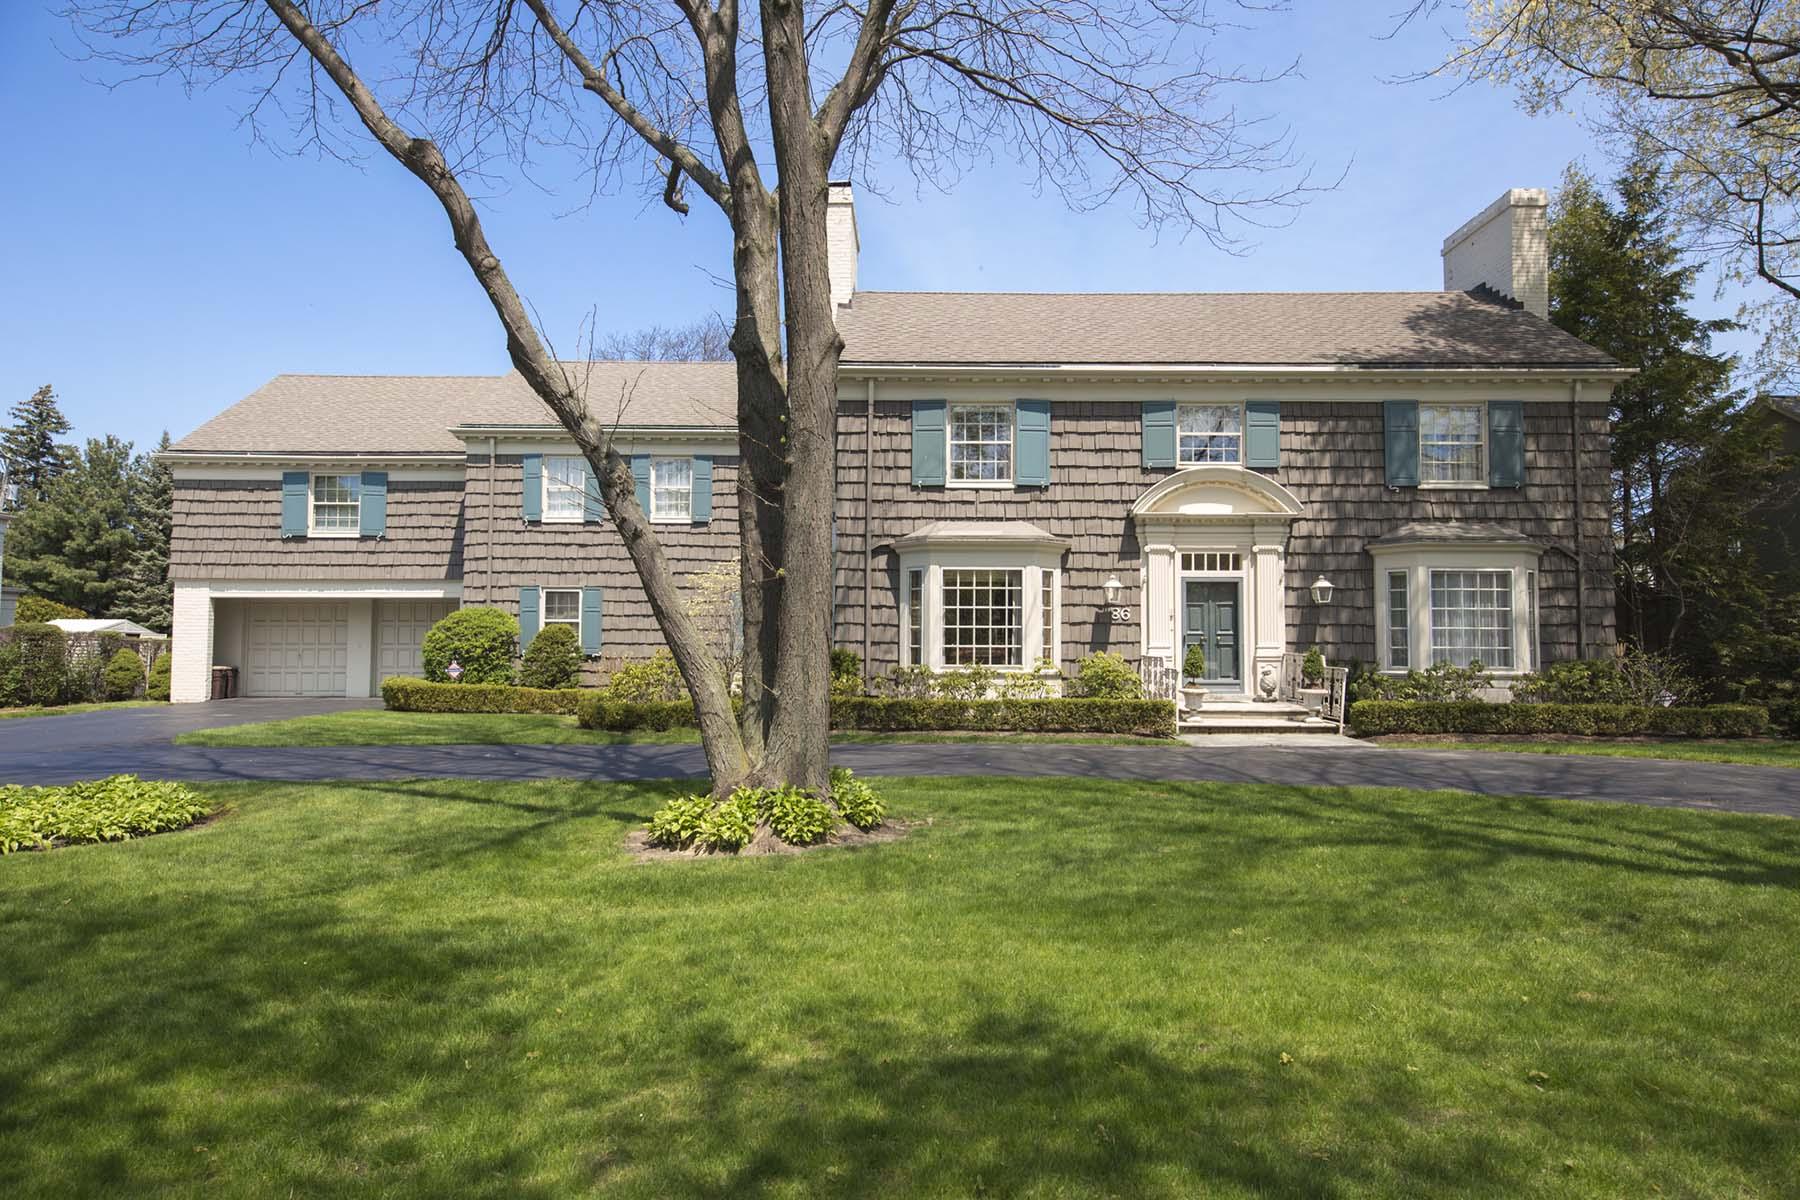 Maison unifamiliale pour l Vente à Grosse Pointe Shores Village 86 Renaud Grosse Pointe, Michigan, 48236 États-Unis